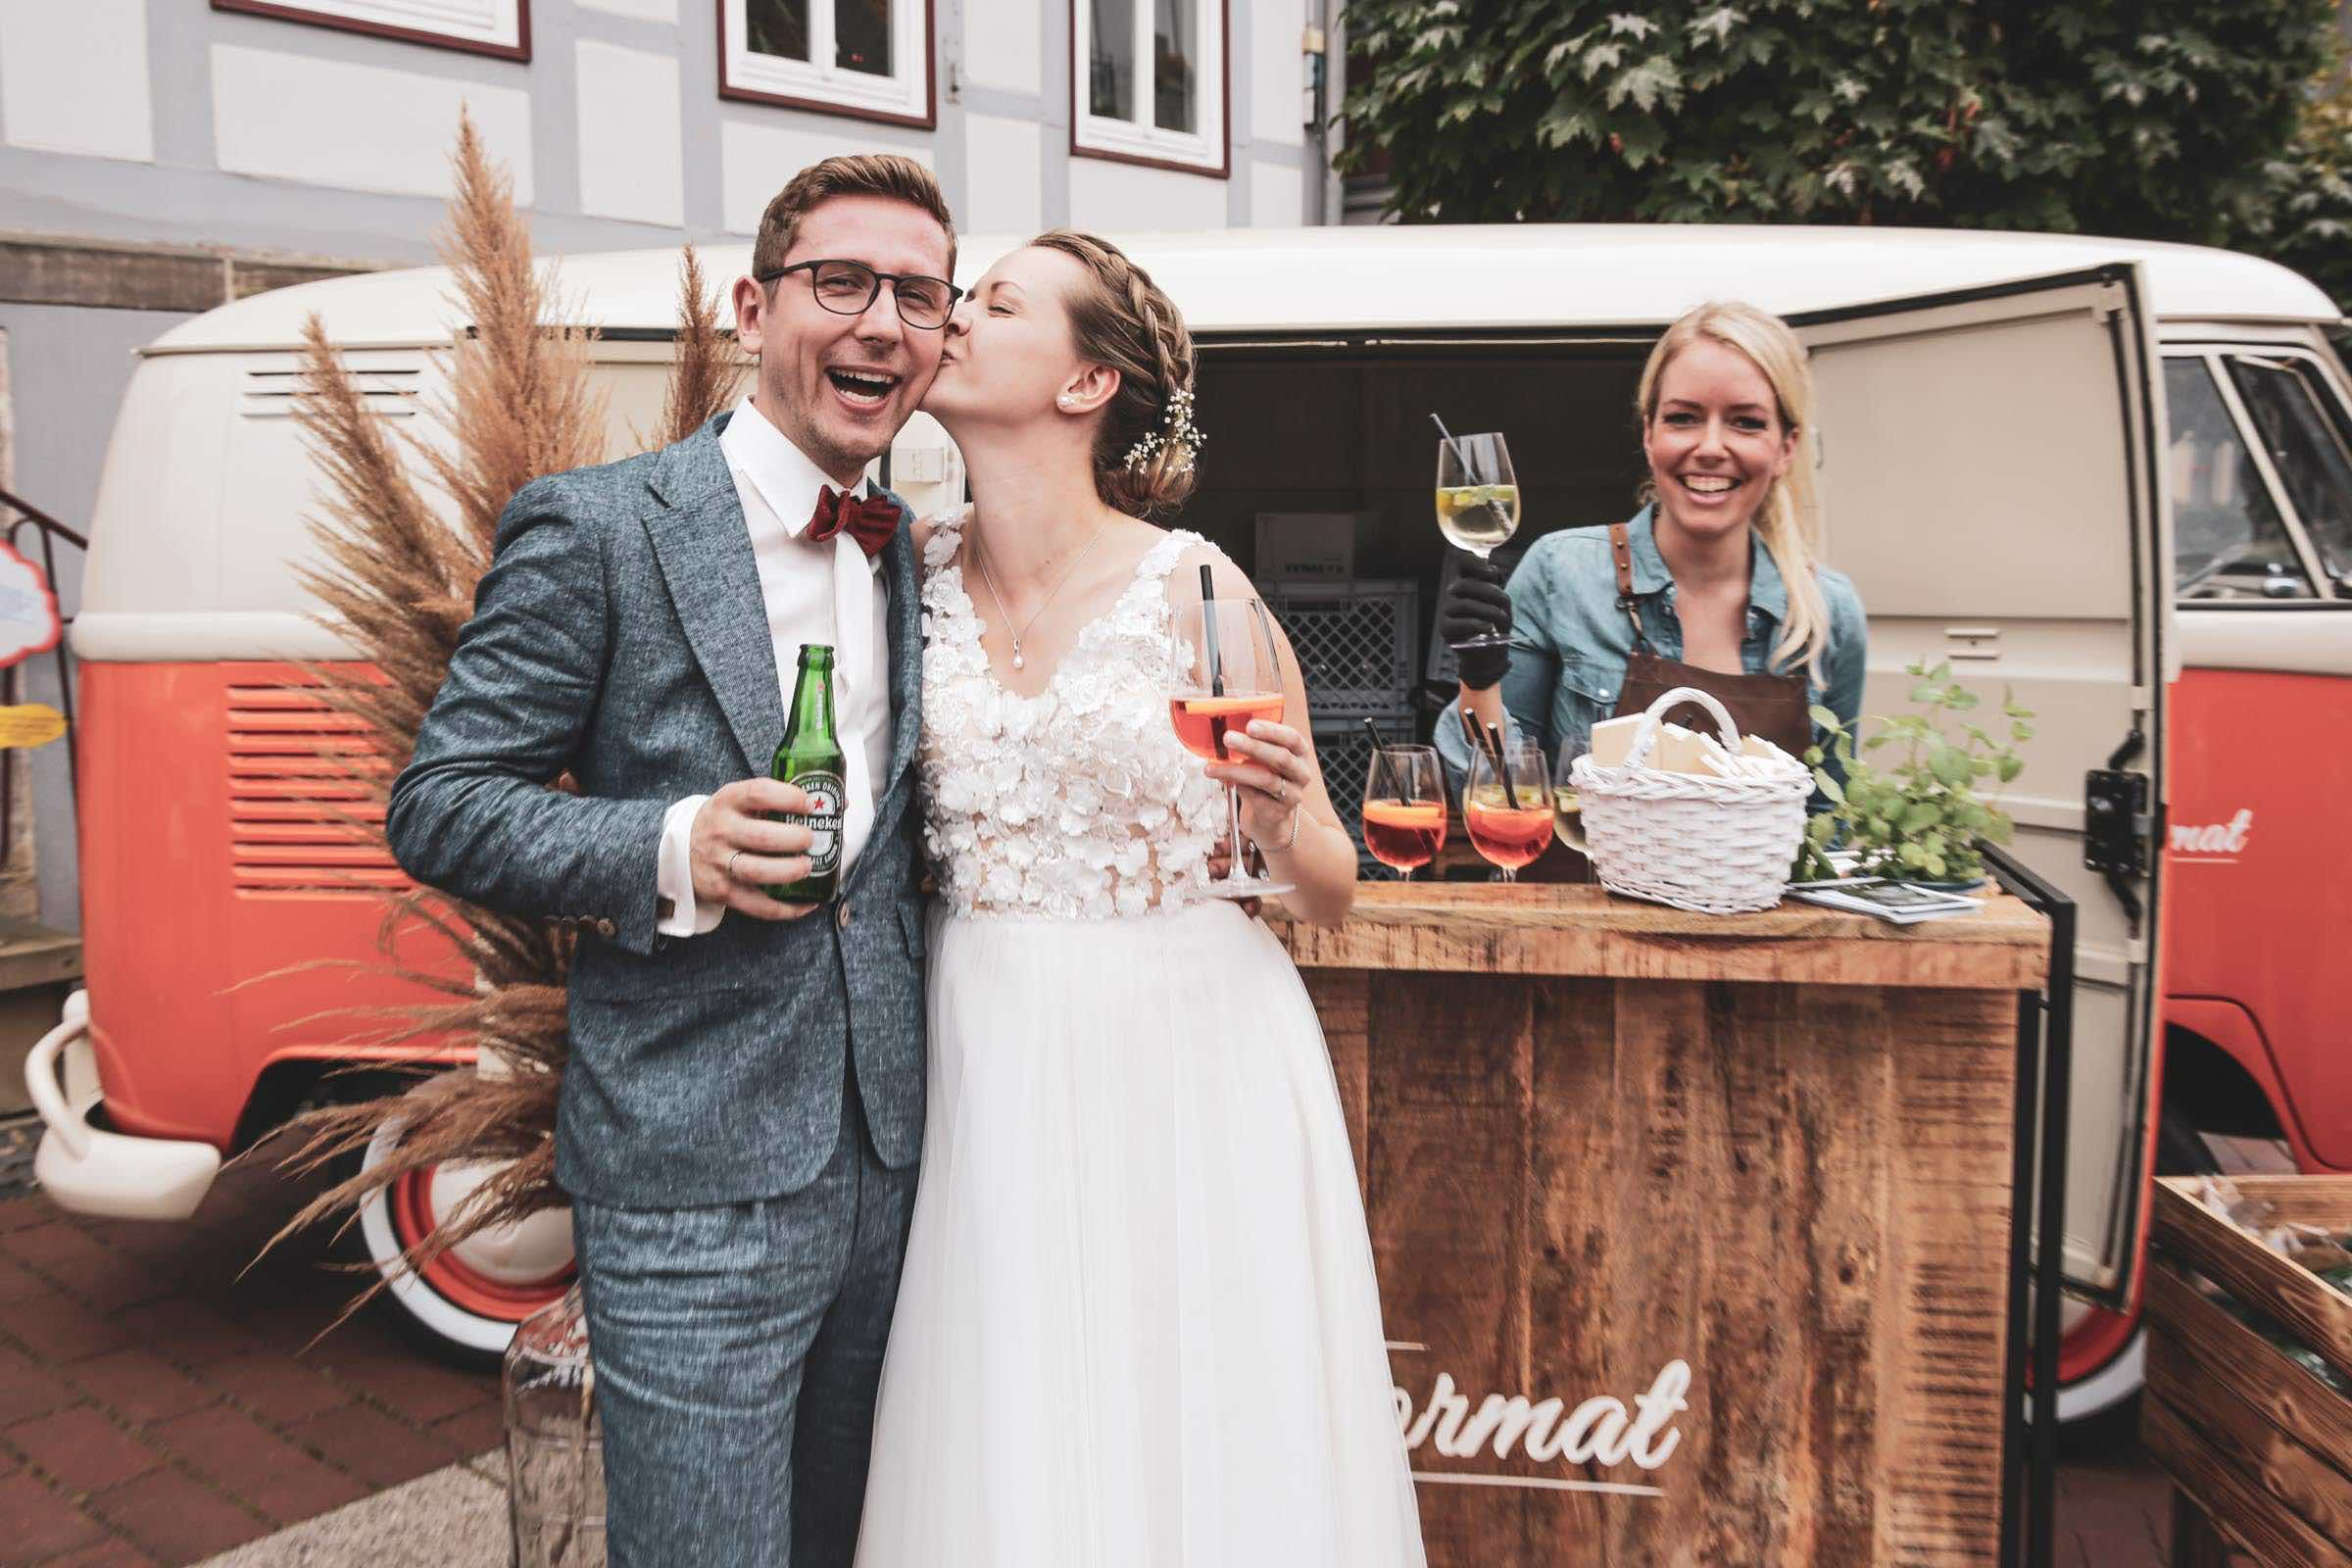 Mobile   Cocktailbar   Hochzeit   Hamburg   Sektempfang   Barkeeper   Mieten   Geburtstag   VW   Bar   Ape   Getränke   Catering   Foodtruck   Weinbar   Ginbar   Sektbar   Kaffeebar   Hamburgfeiert